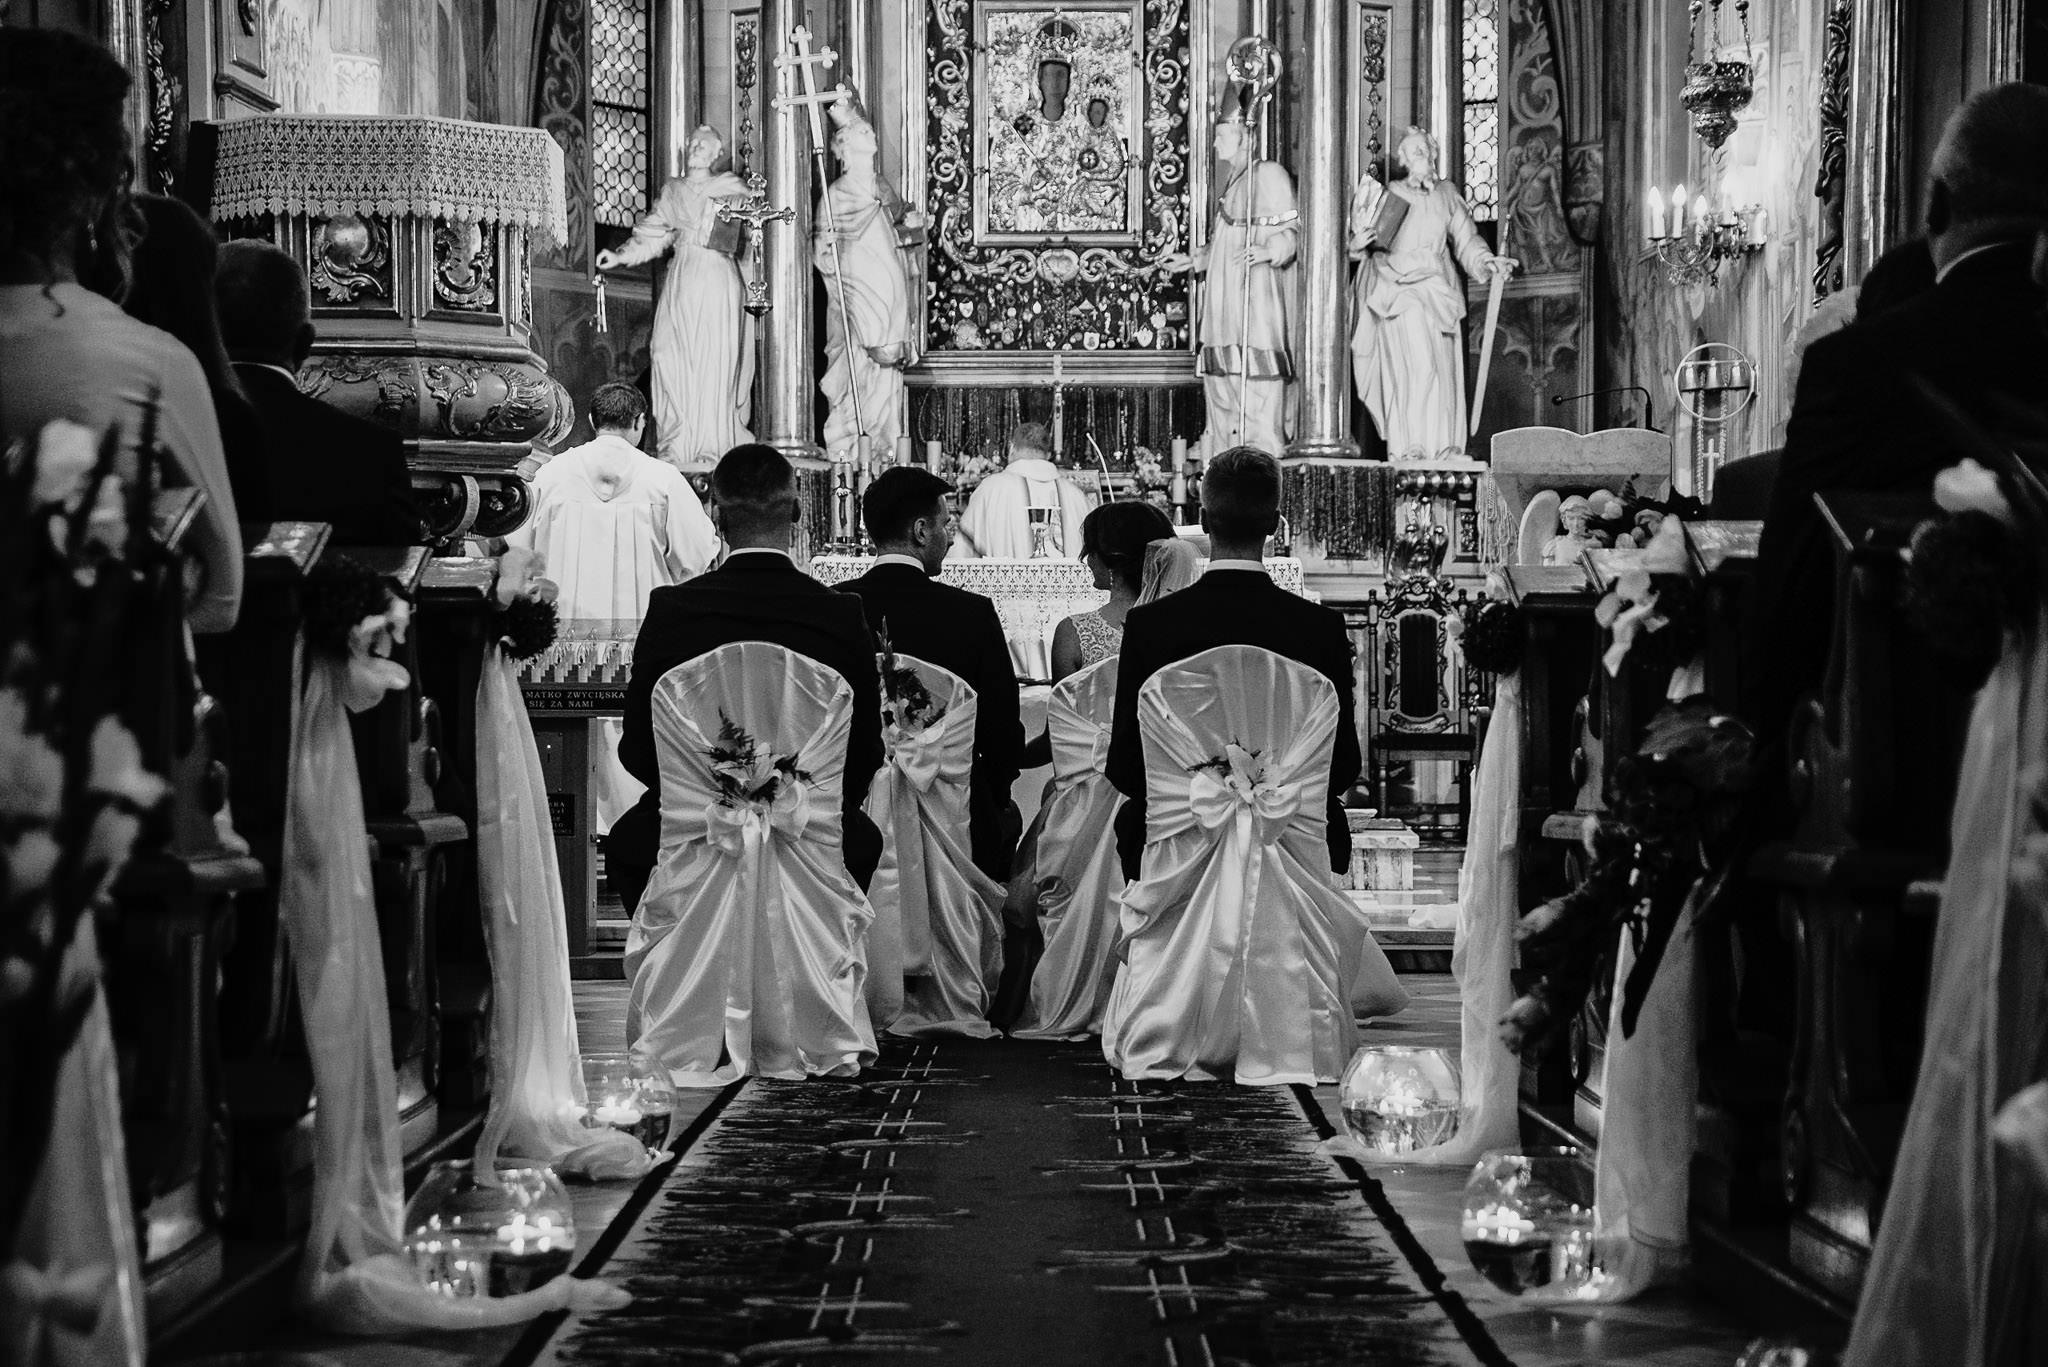 Monika i Michał, wesele w Paryżu i sesja plenerowa w stadninie koni w Czołowie 136